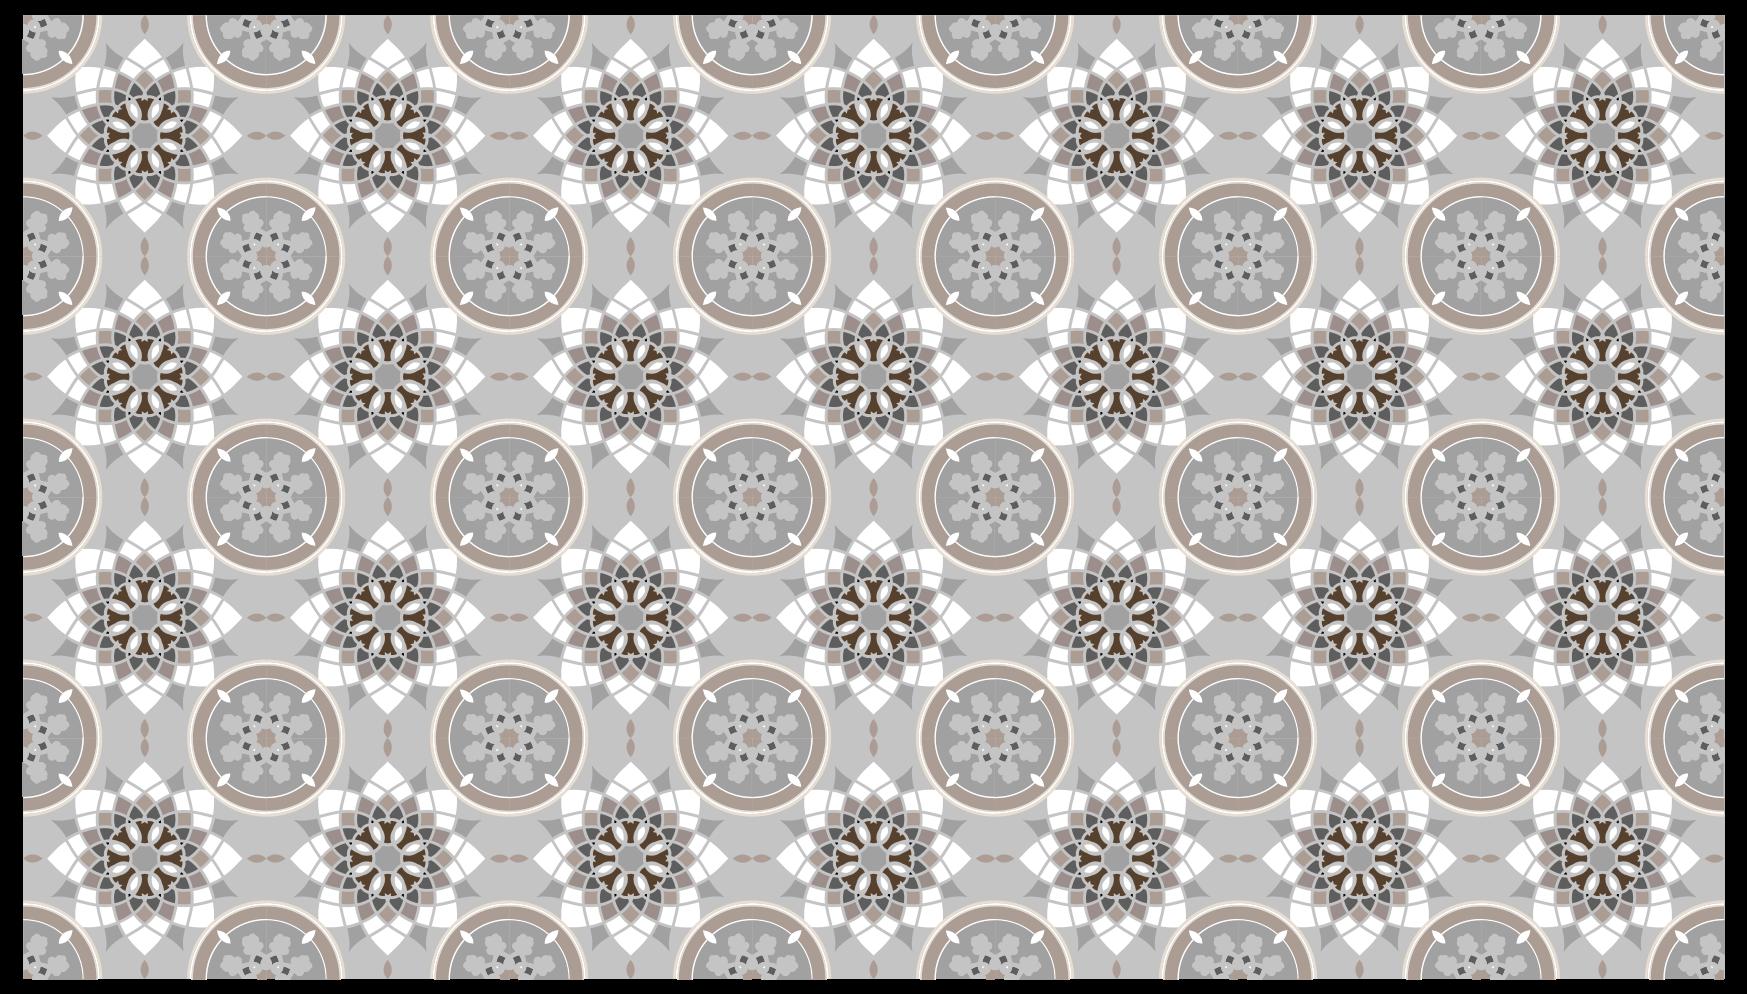 TenStickers. Dywan winylowy Szare płytki podłogowe. Szary i biały dywan wyłożony kafelkami z ilustracją kwiatową może być idealnym wyborem dla Ciebie w sypialni lub w dowolnym miejscu w domu.